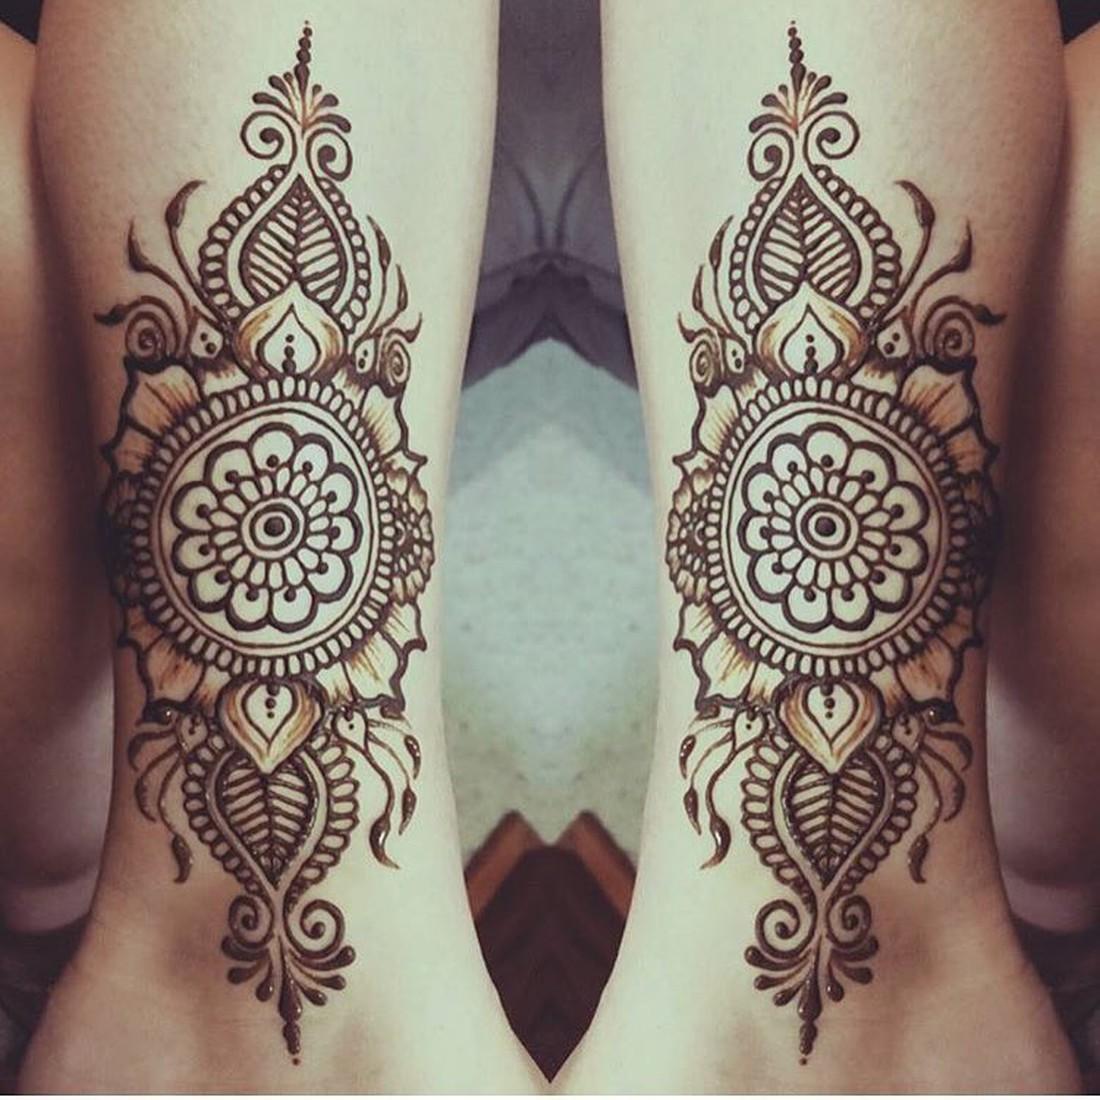 E prim vara deci e timpul picturilor cu henna inspir te din aceste modele foto - Modele de henna ...